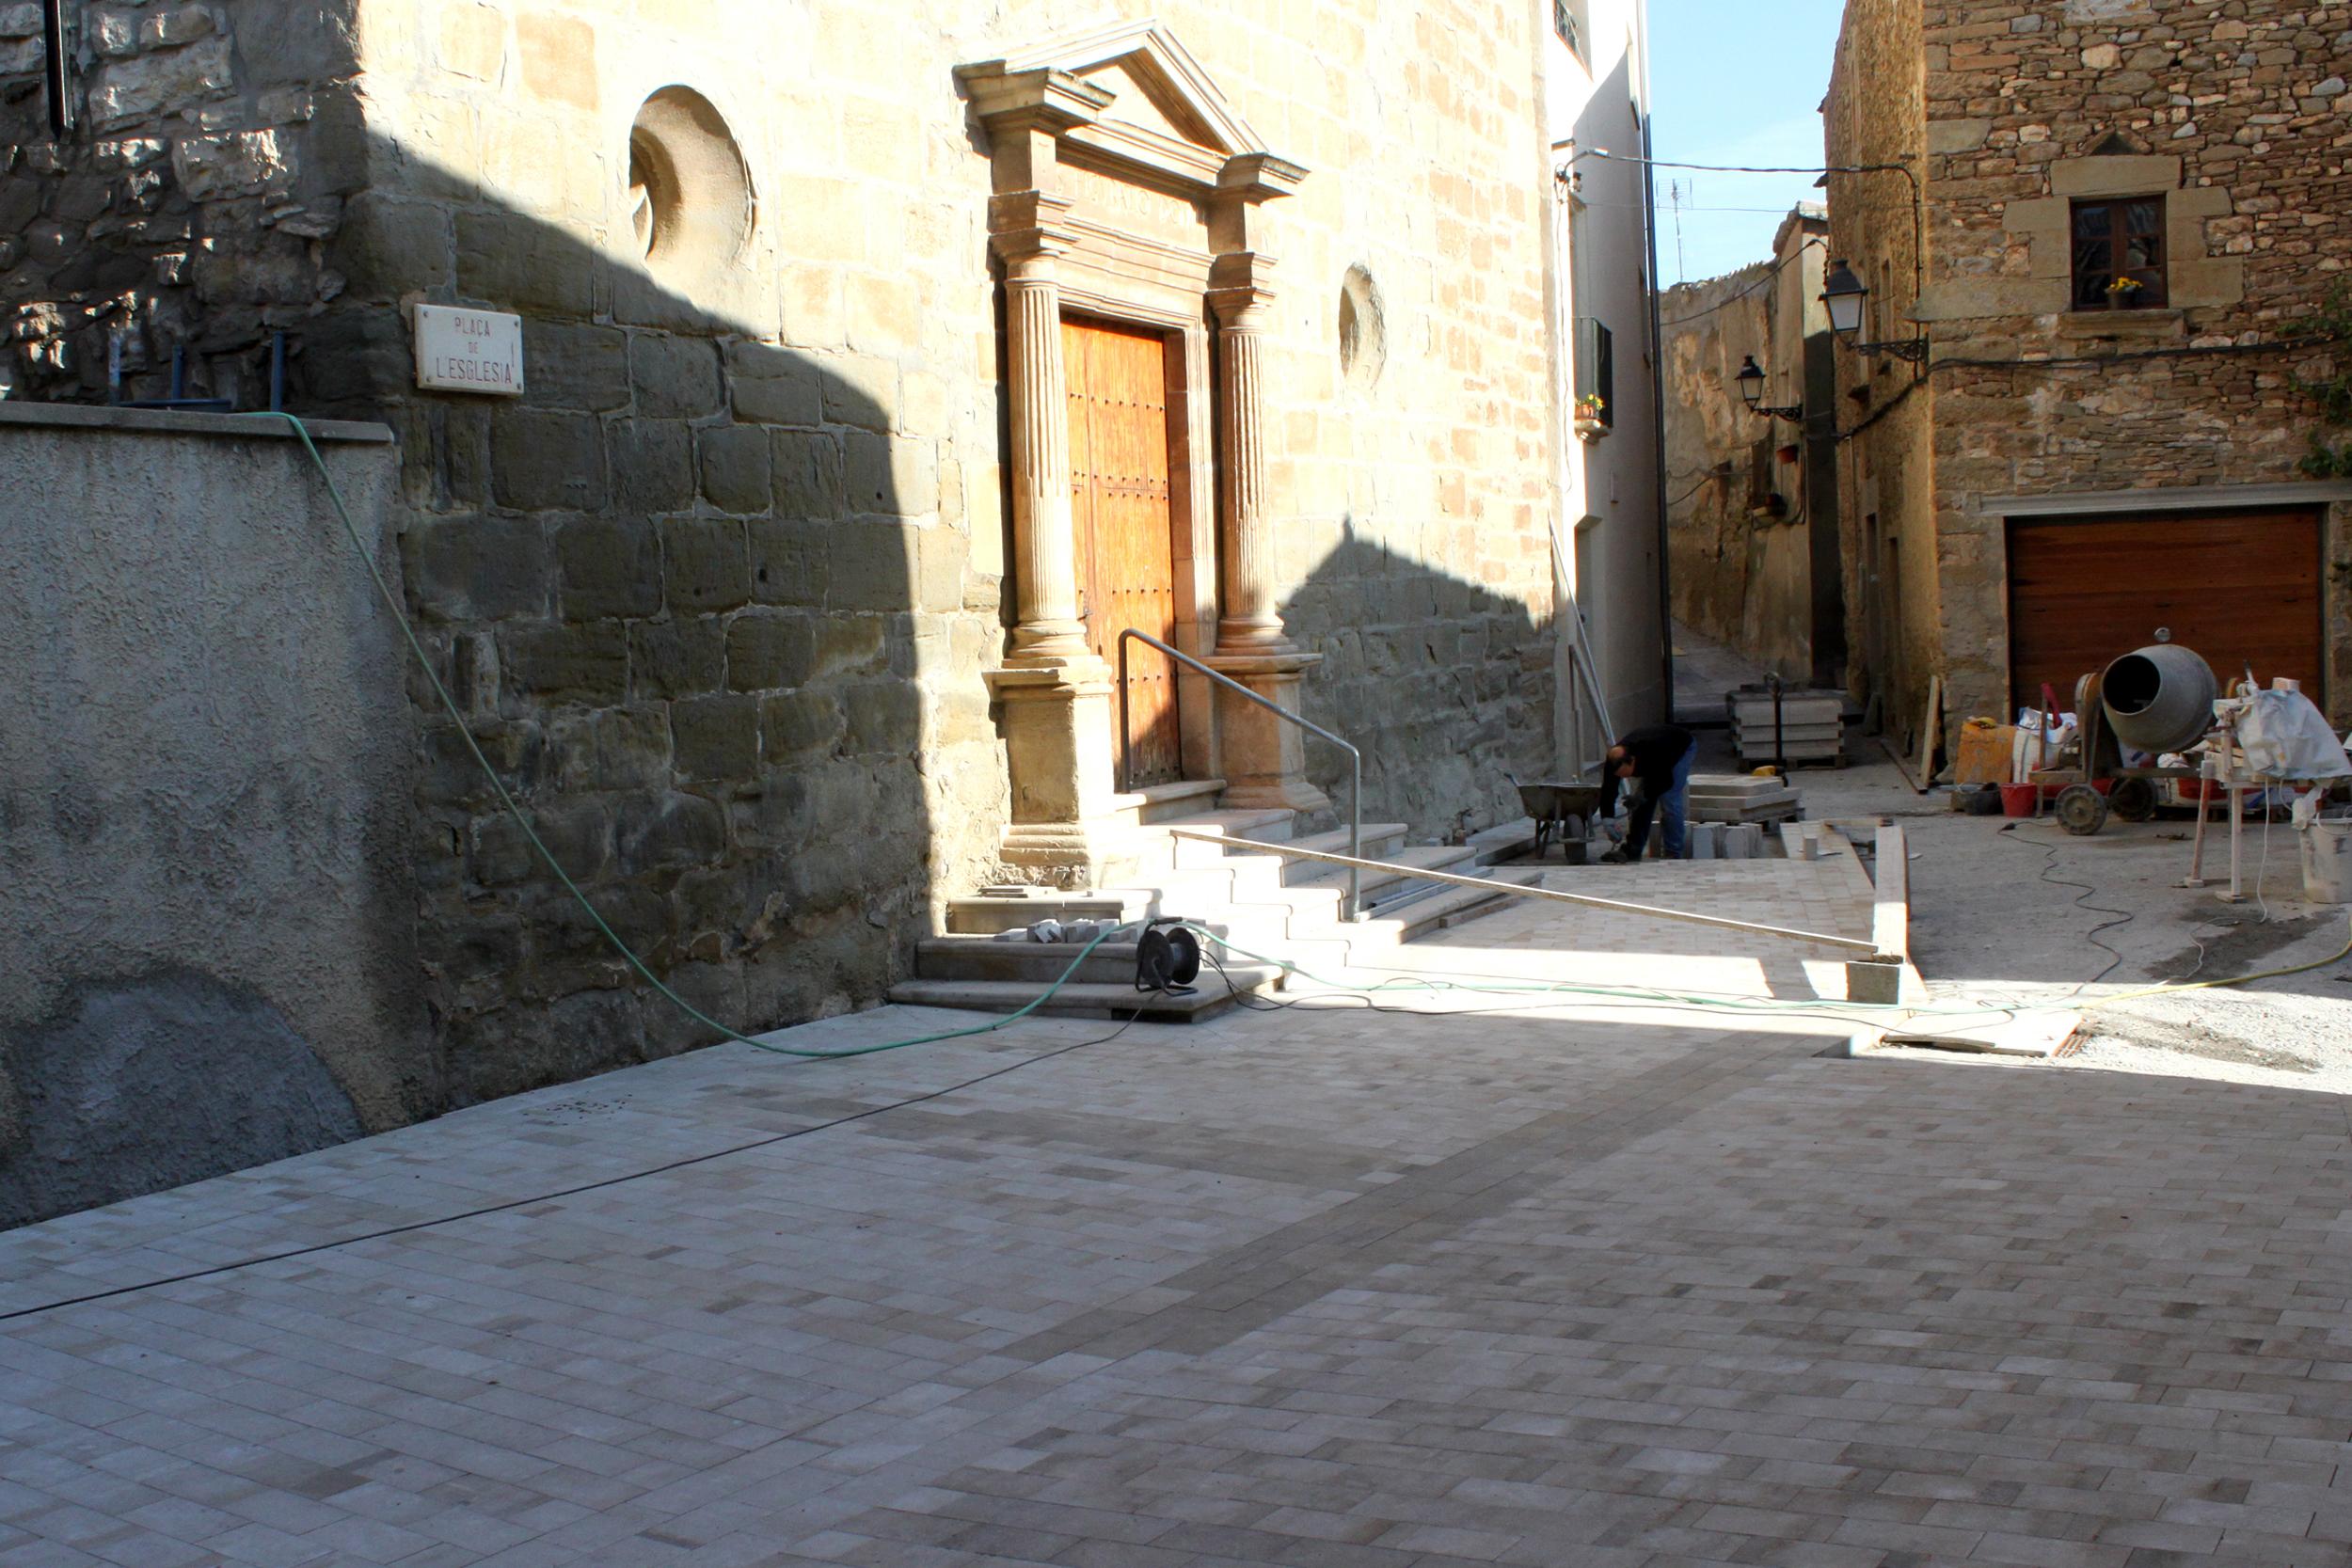 L'Ajuntament de Tàrrega renova el paviment de la Plaça de l'Església de Claravalls